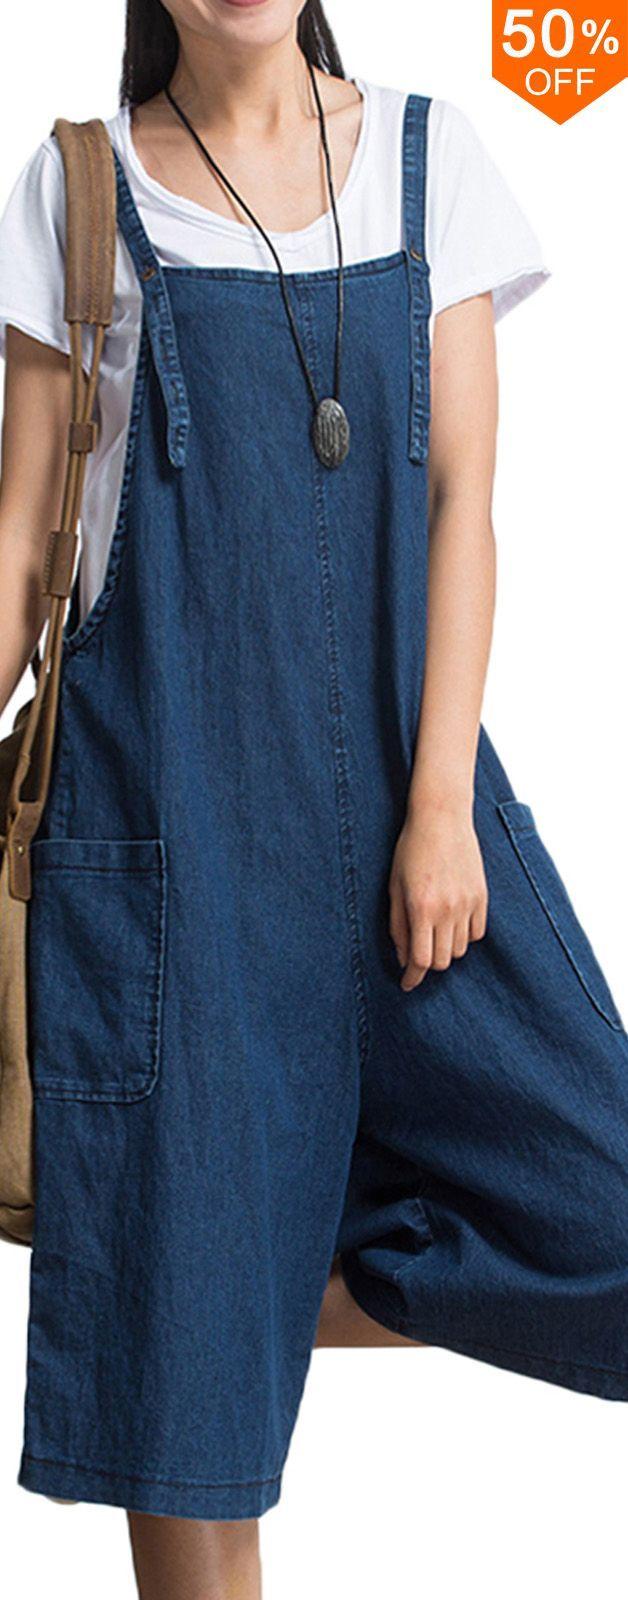 S-5XL Plus Size Women Loose Denim Blue Strap Pocket Jumpsuit Trousers. #women #leggings #jeans